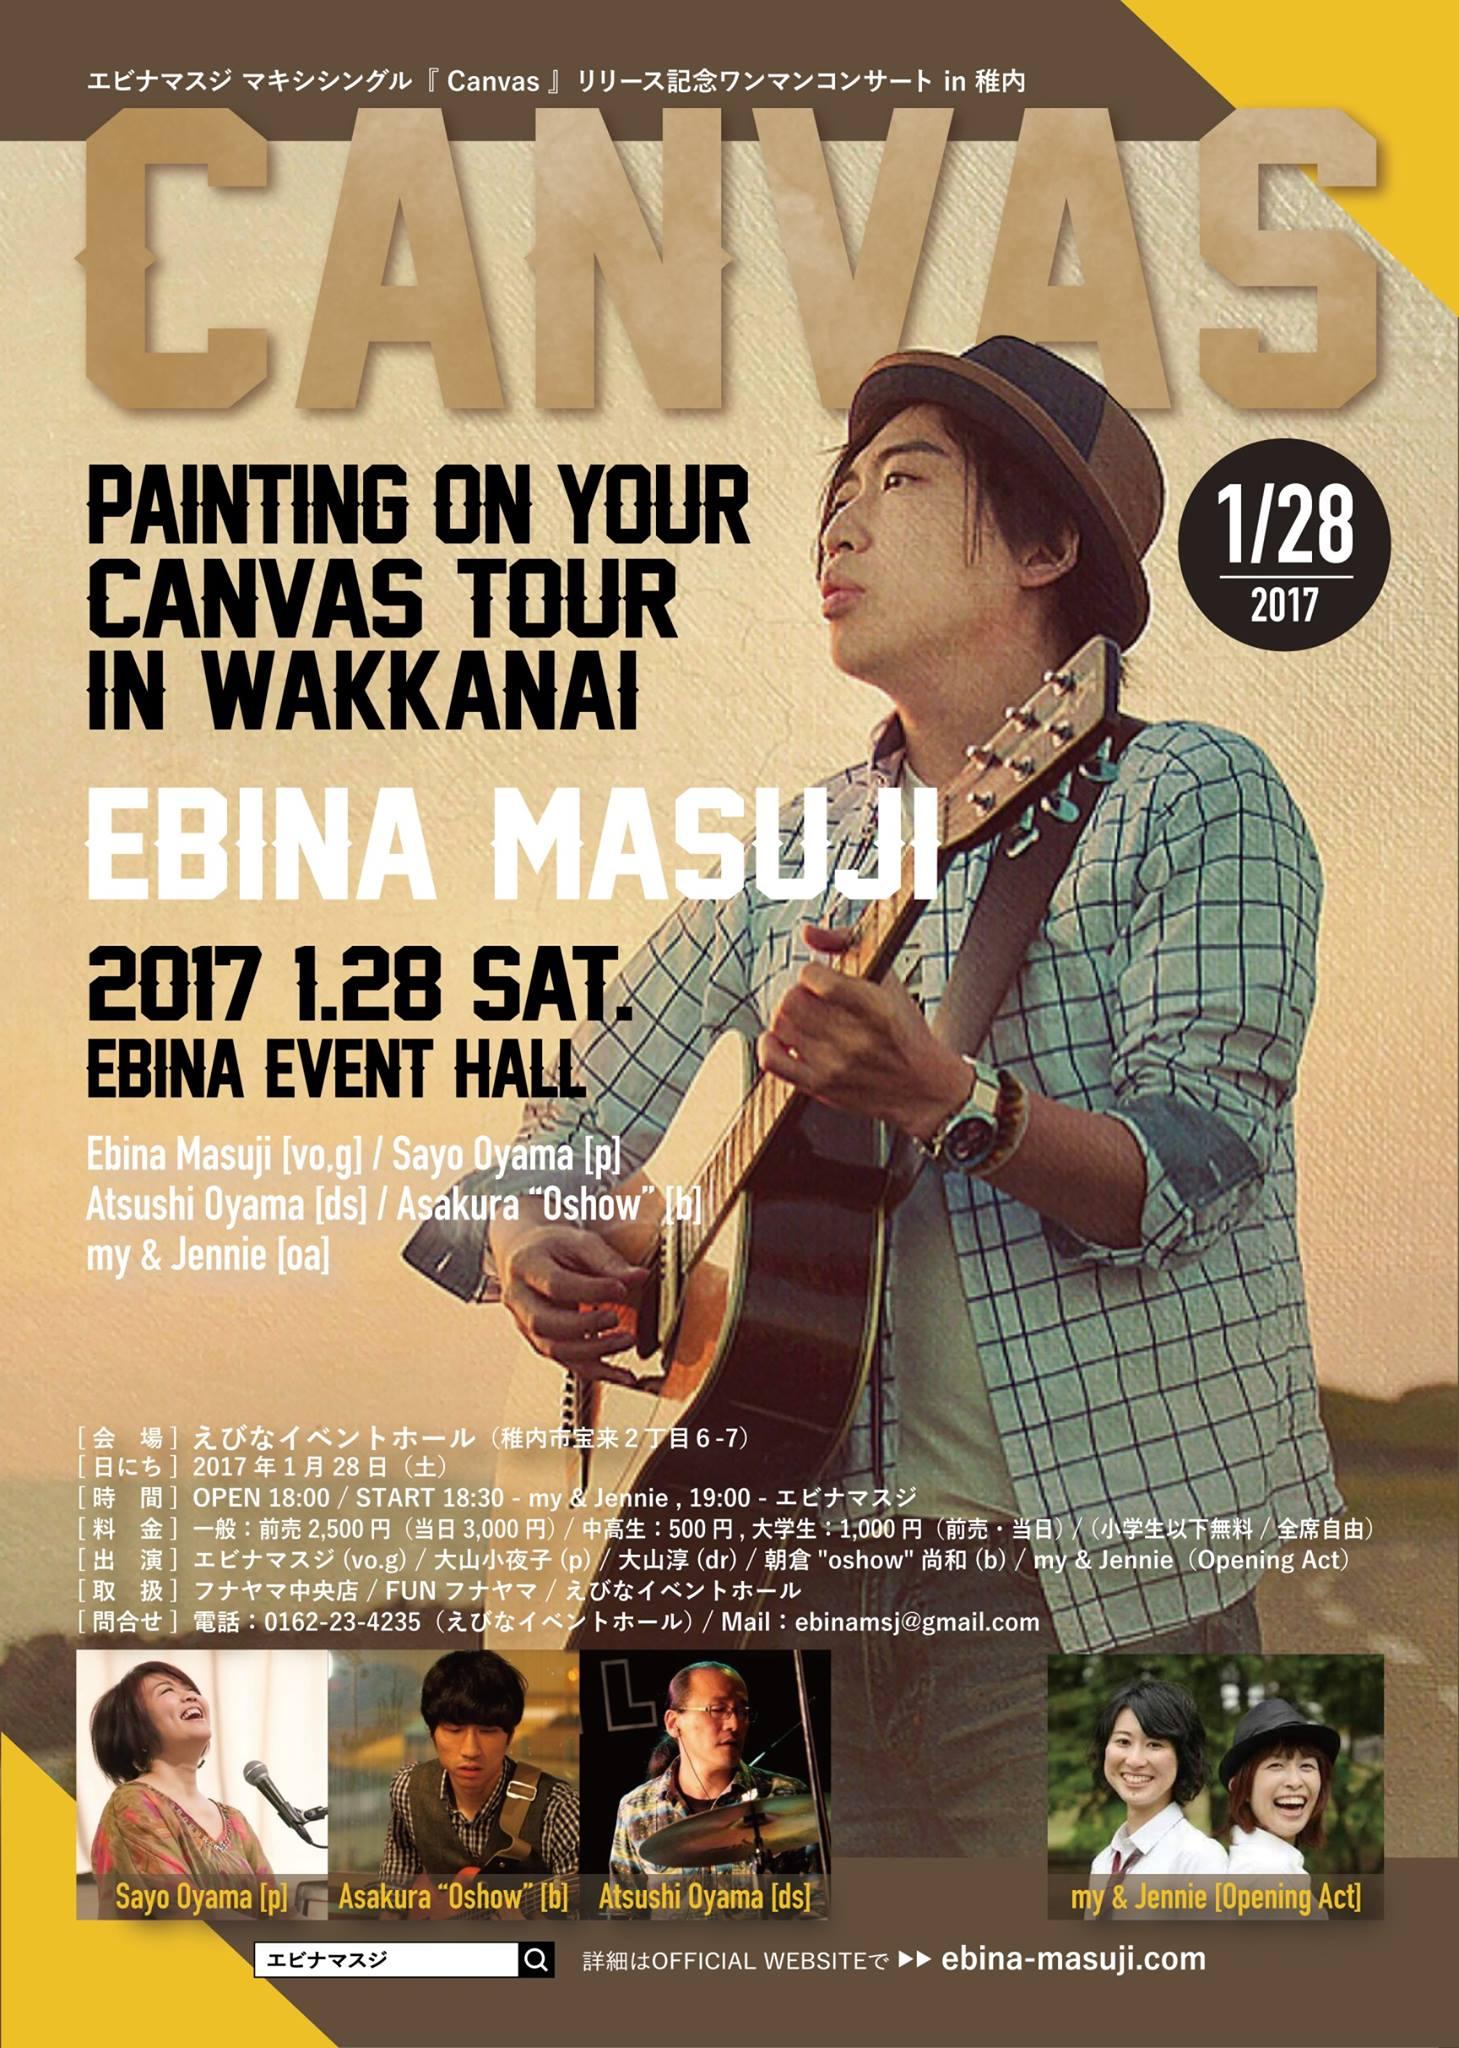 【終了】[2017.1.28 SAT] CANVAS TOUR in 稚内エビナイベントホール